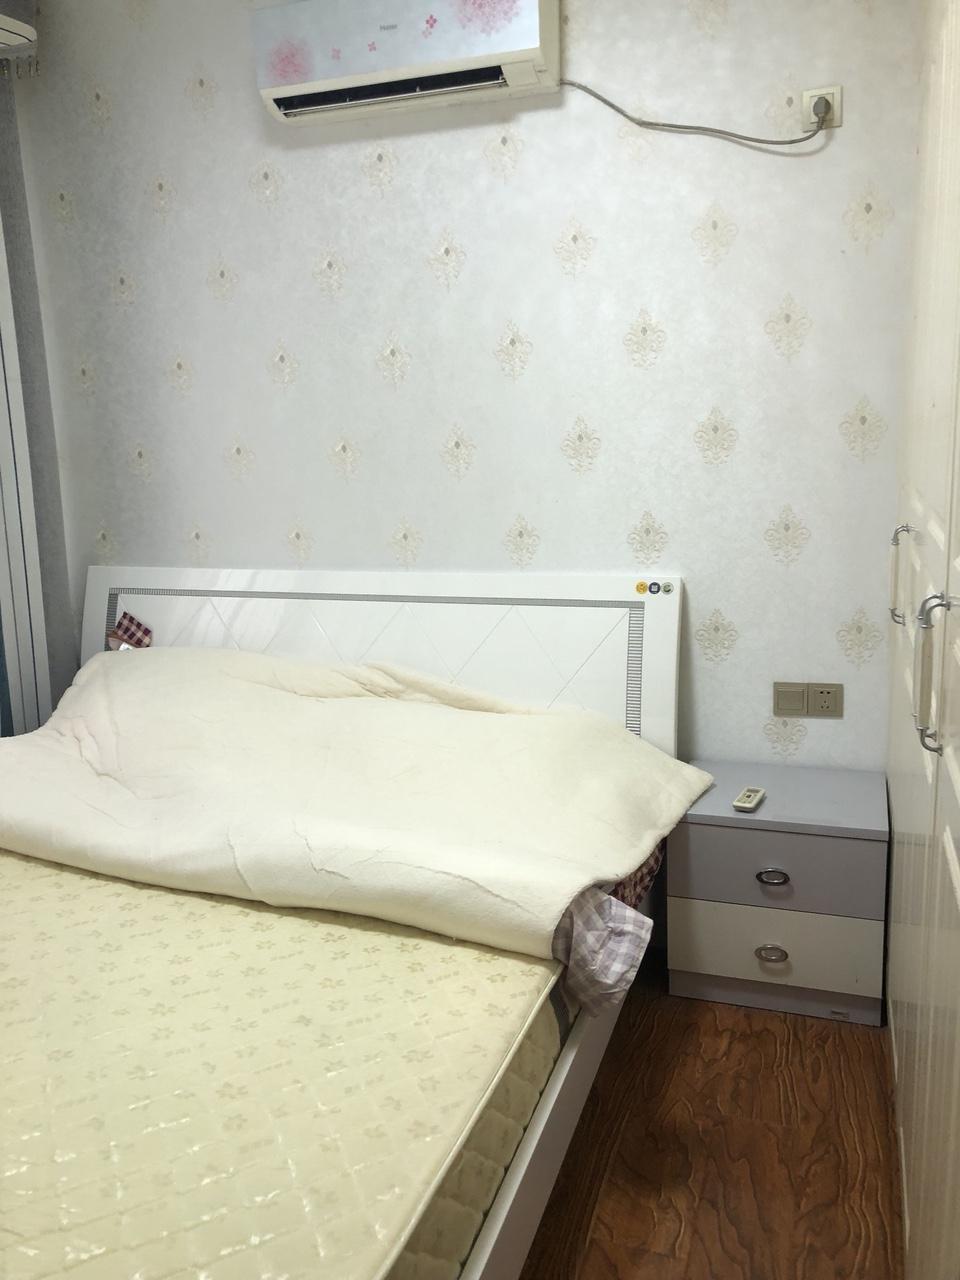 碧云.龙庭汇景3室2厅2卫92.85万元